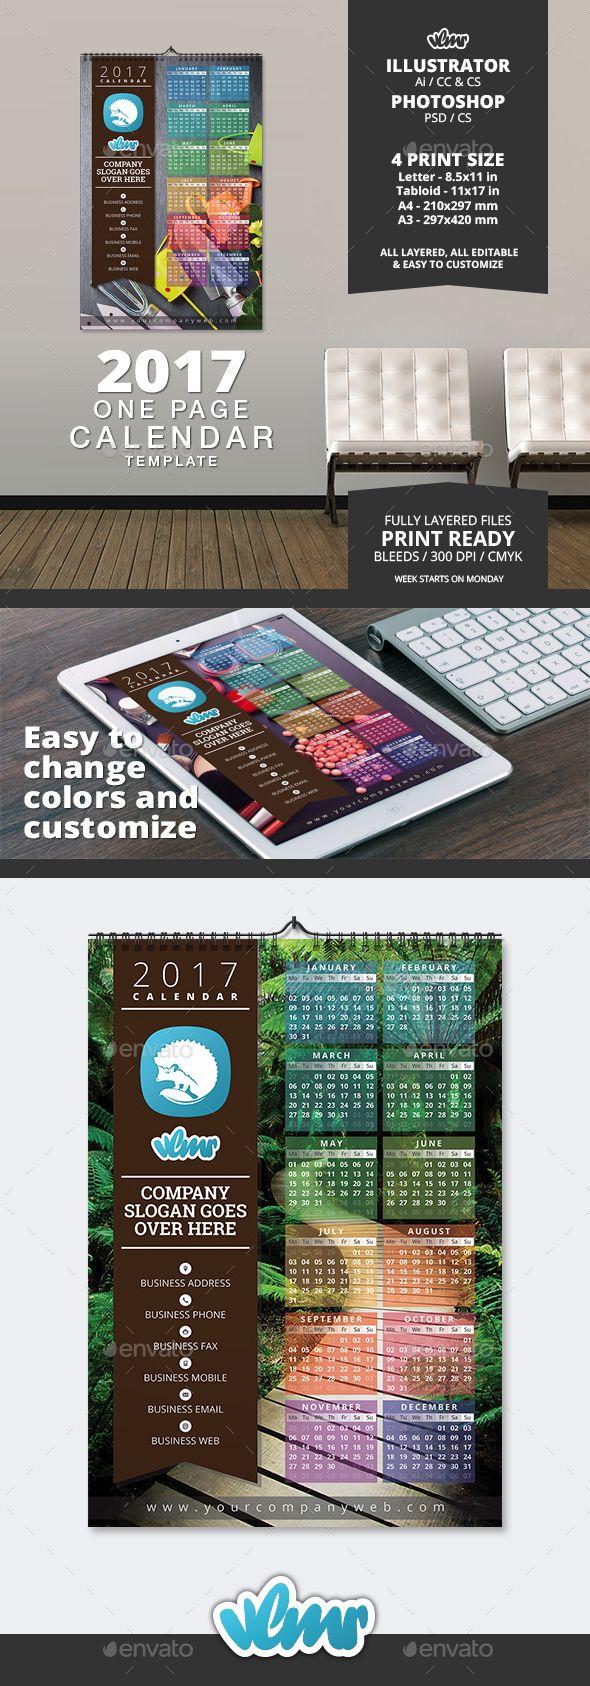 Calendar Ideas For Business : Best calendar templates ideas on pinterest free